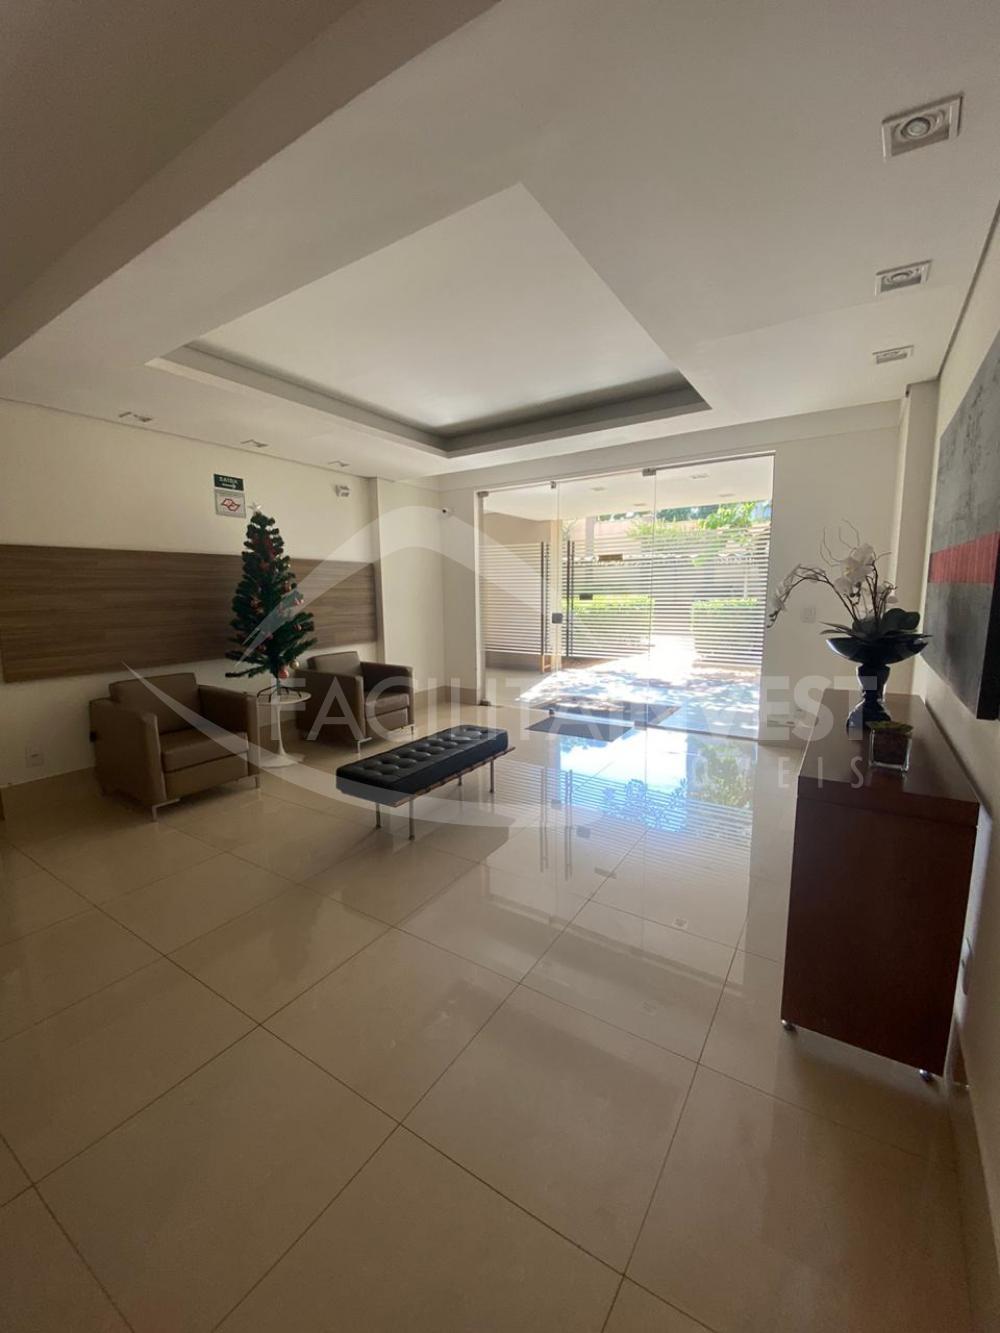 Alugar Apartamentos / Apartamento Mobiliado em Ribeirão Preto apenas R$ 1.800,00 - Foto 20